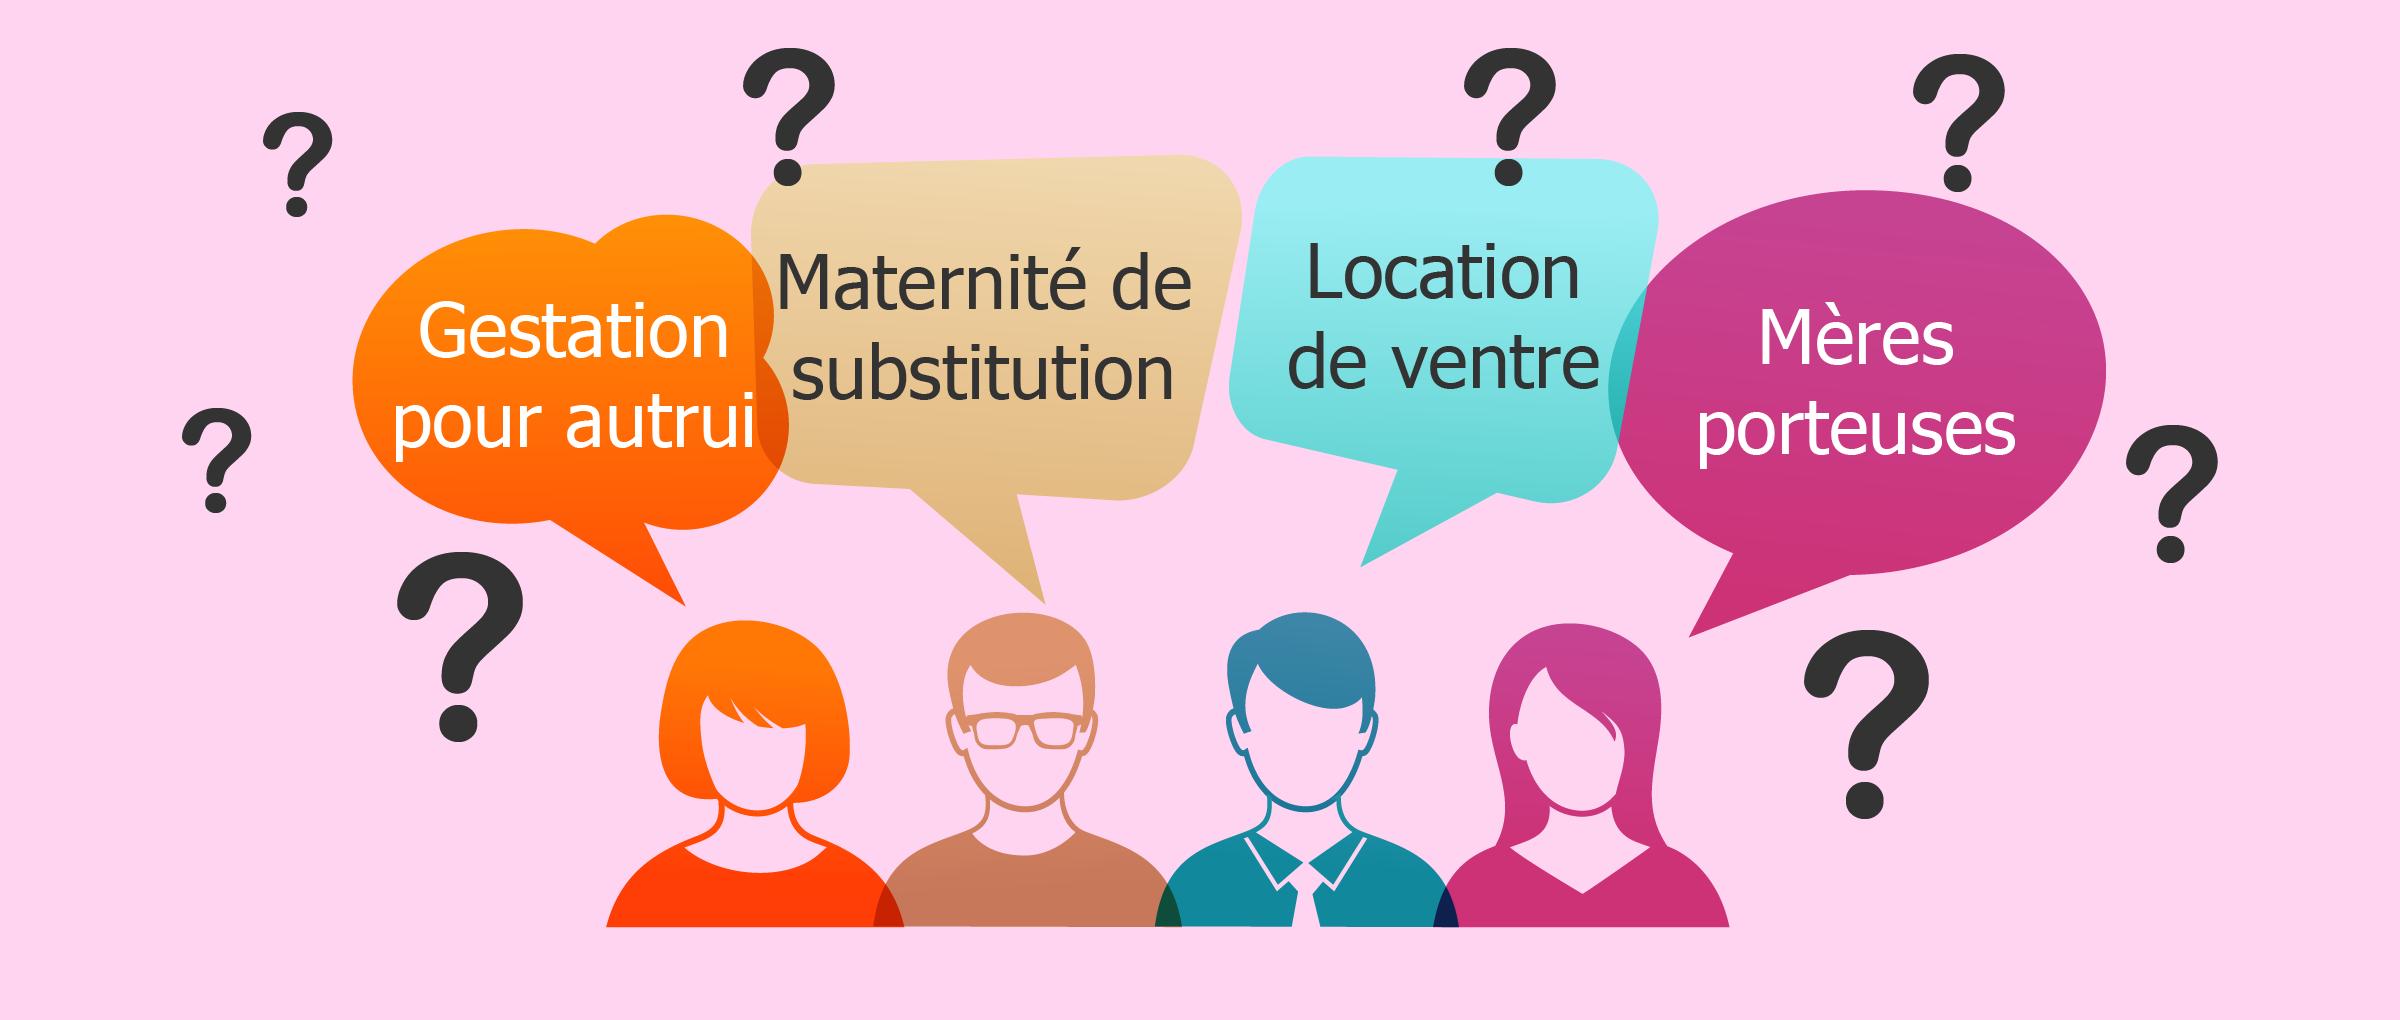 «Gestation pour autrui» et «mères porteuses»: S'agit-il de synonymes?